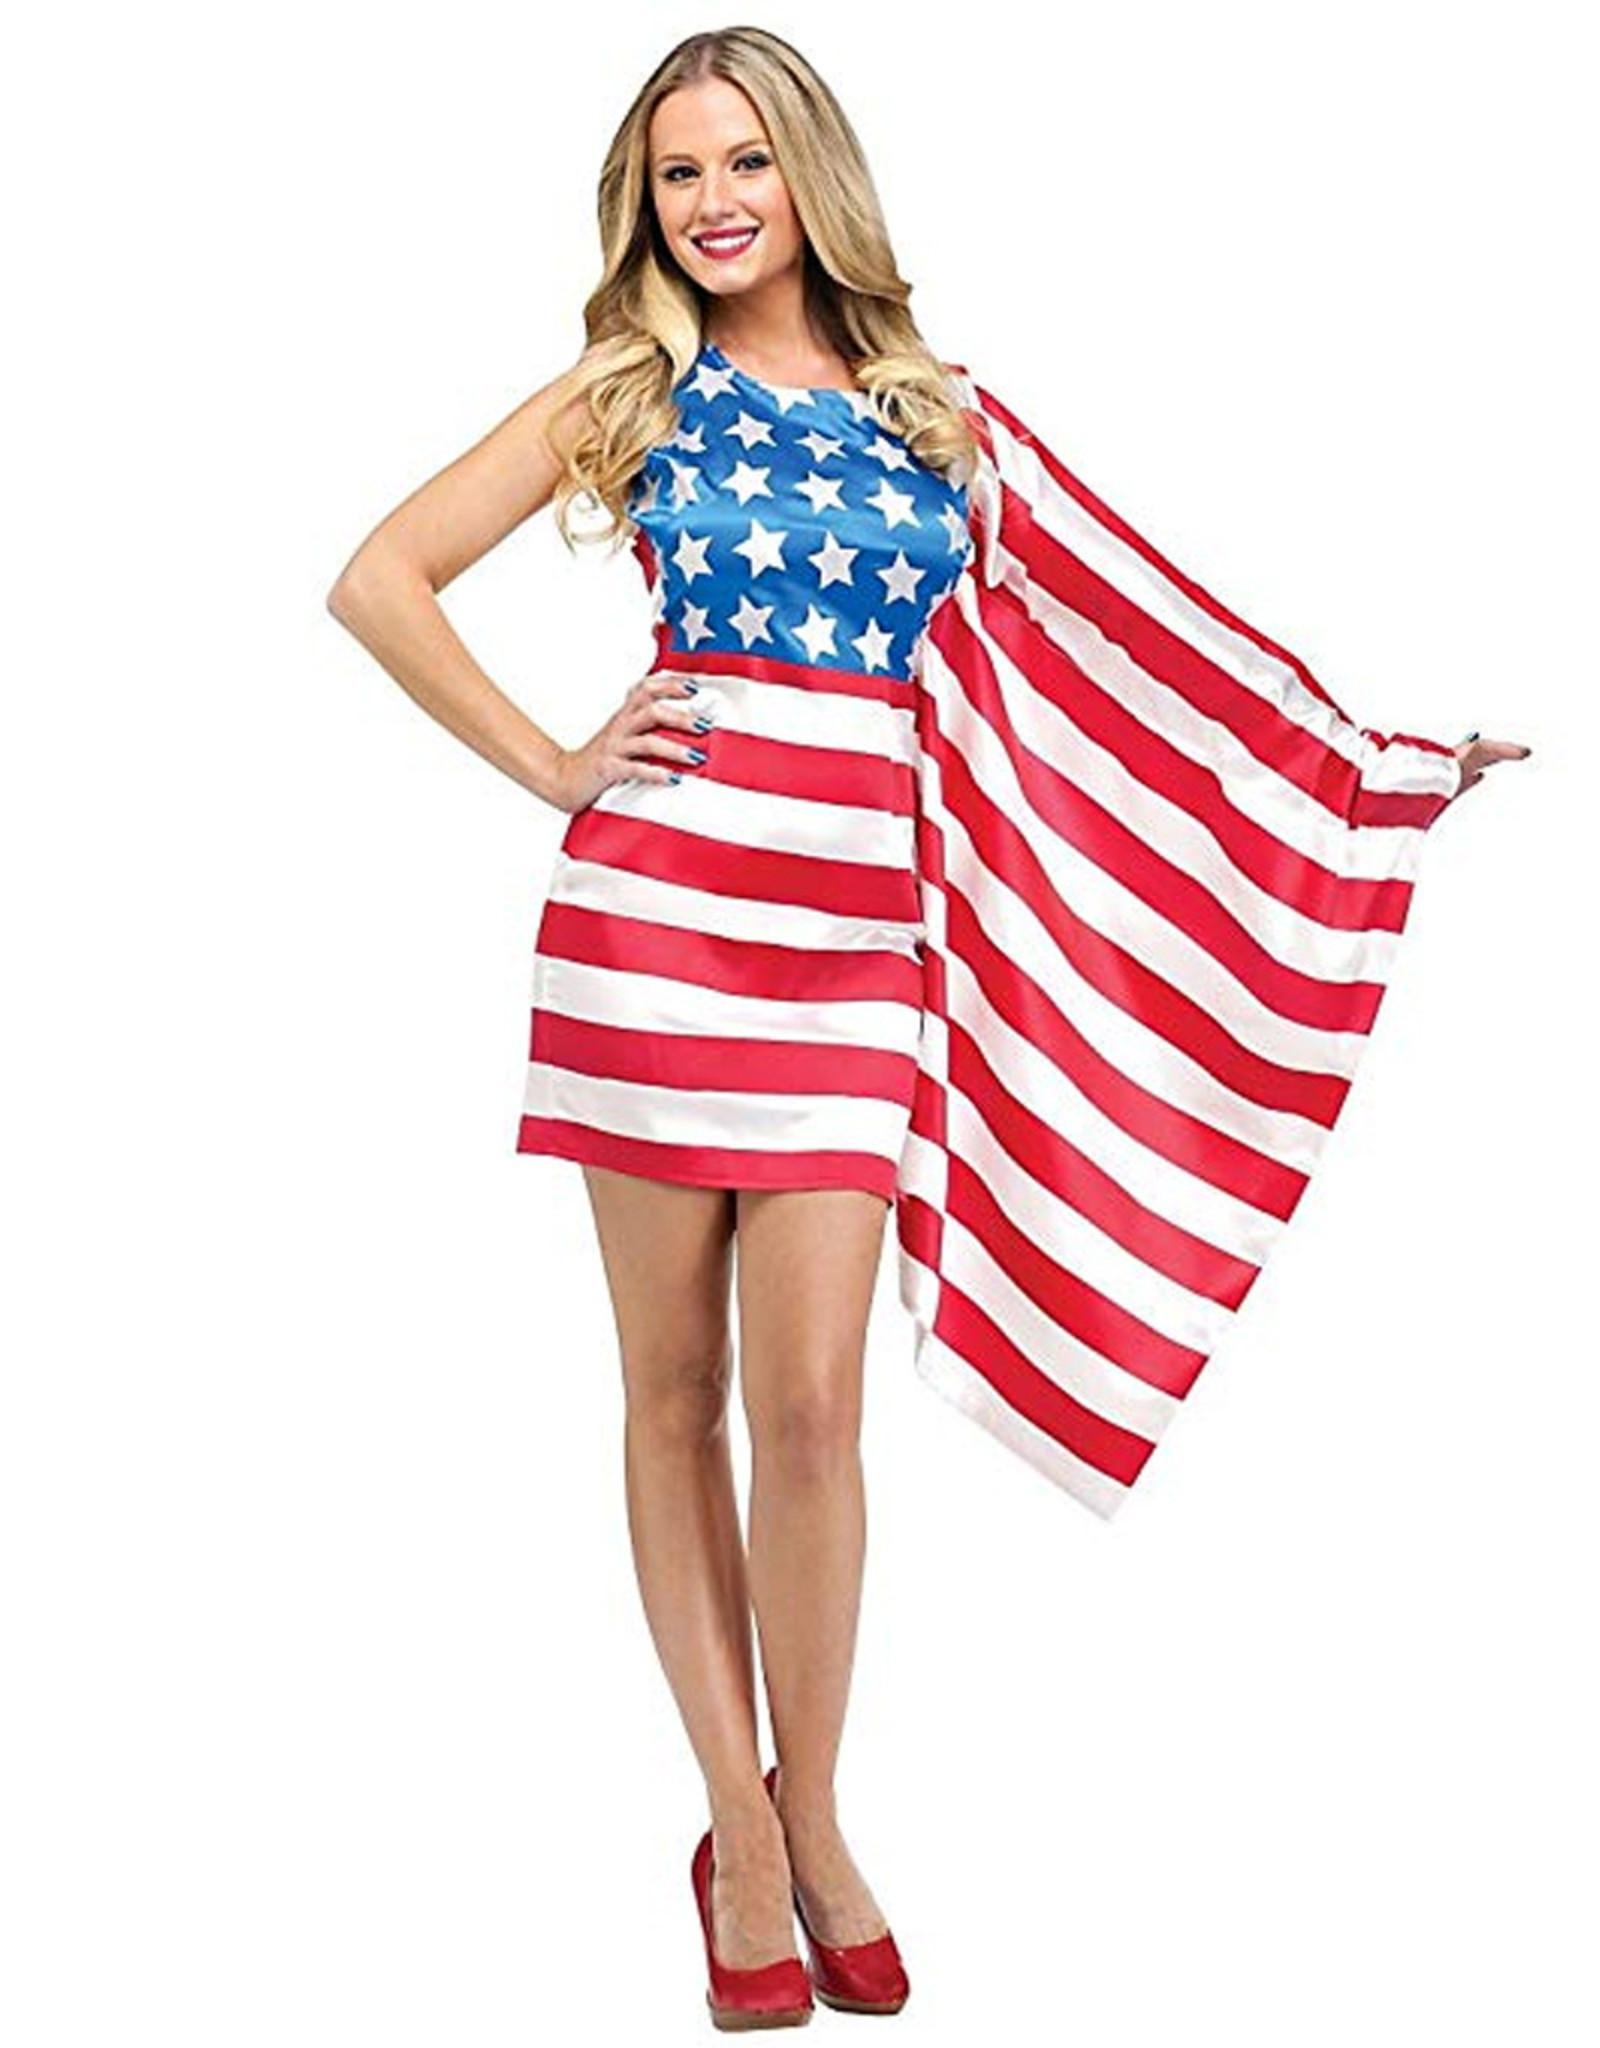 American Beauty Costume - Women's